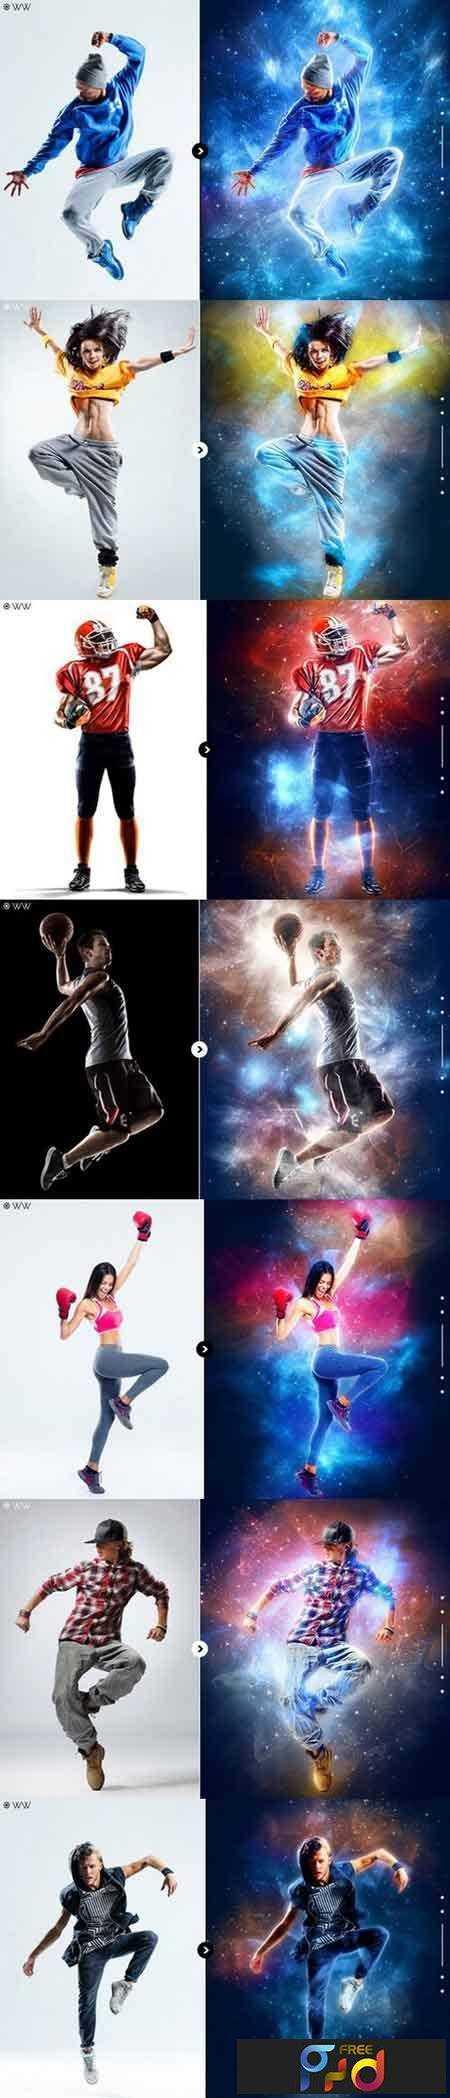 freepsdvn-com_1476384282_space-photoshop-action-943489